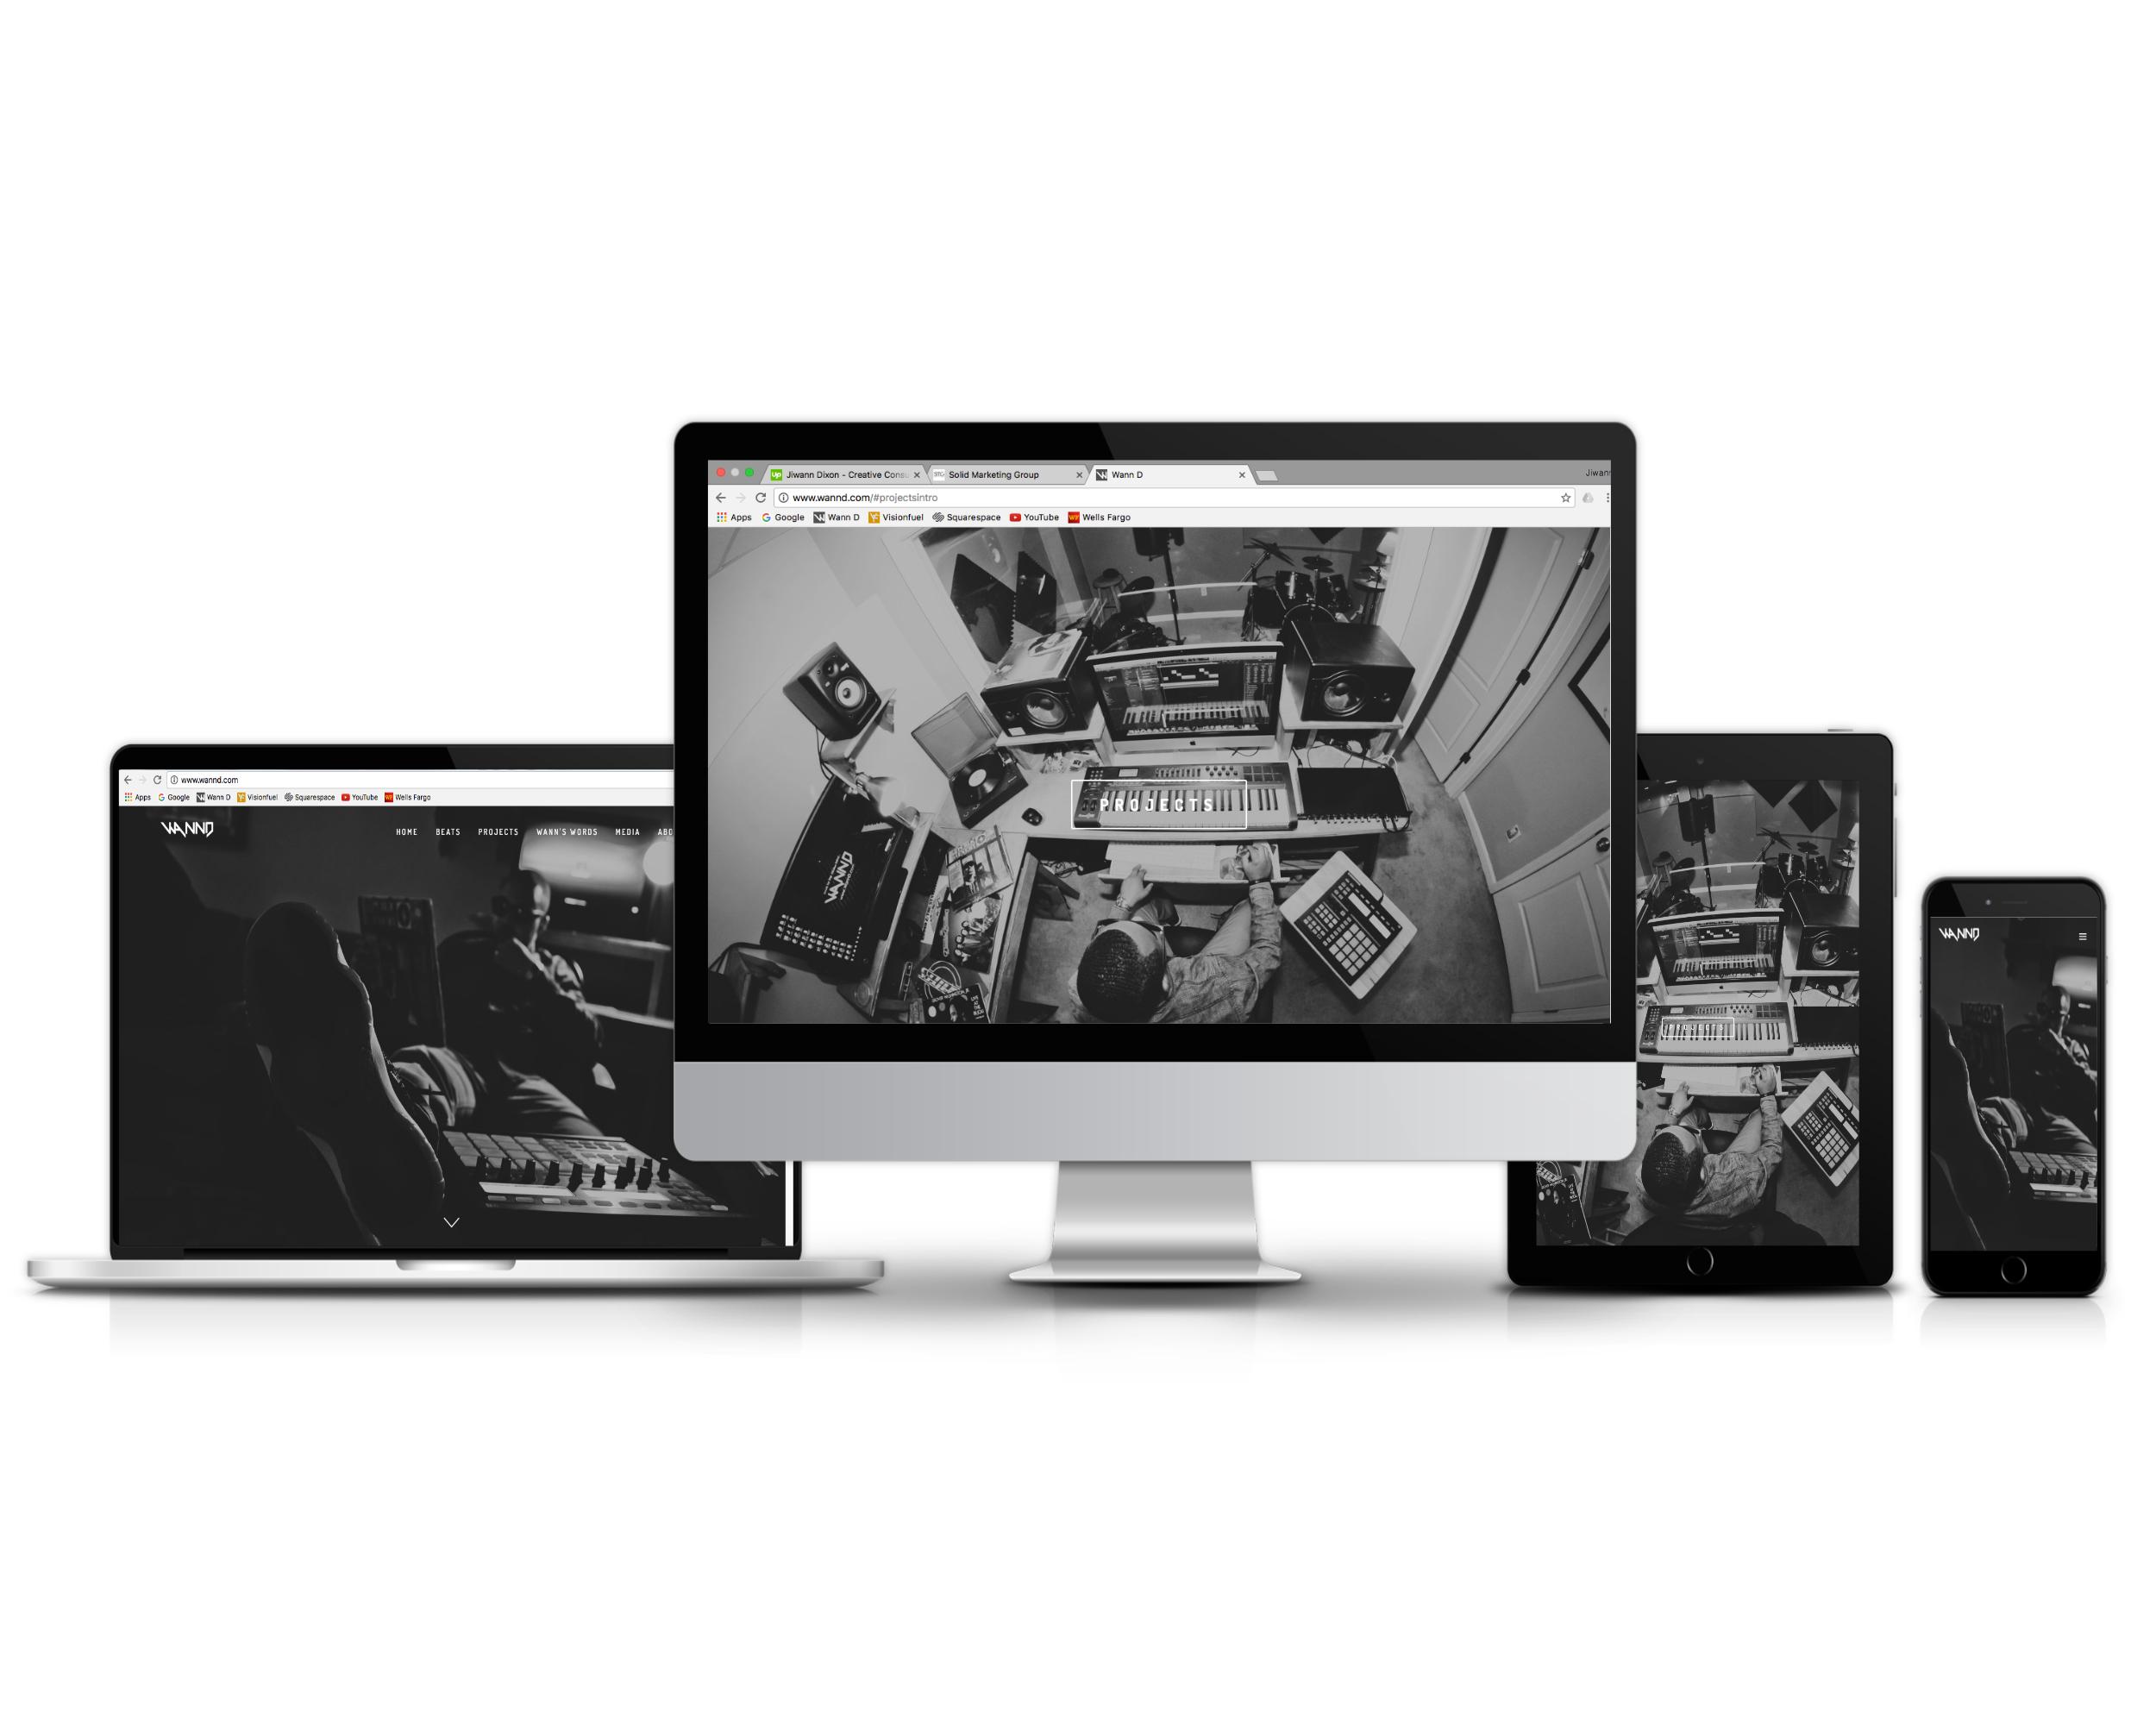 Wann D (Filmmaker/Composer Website)